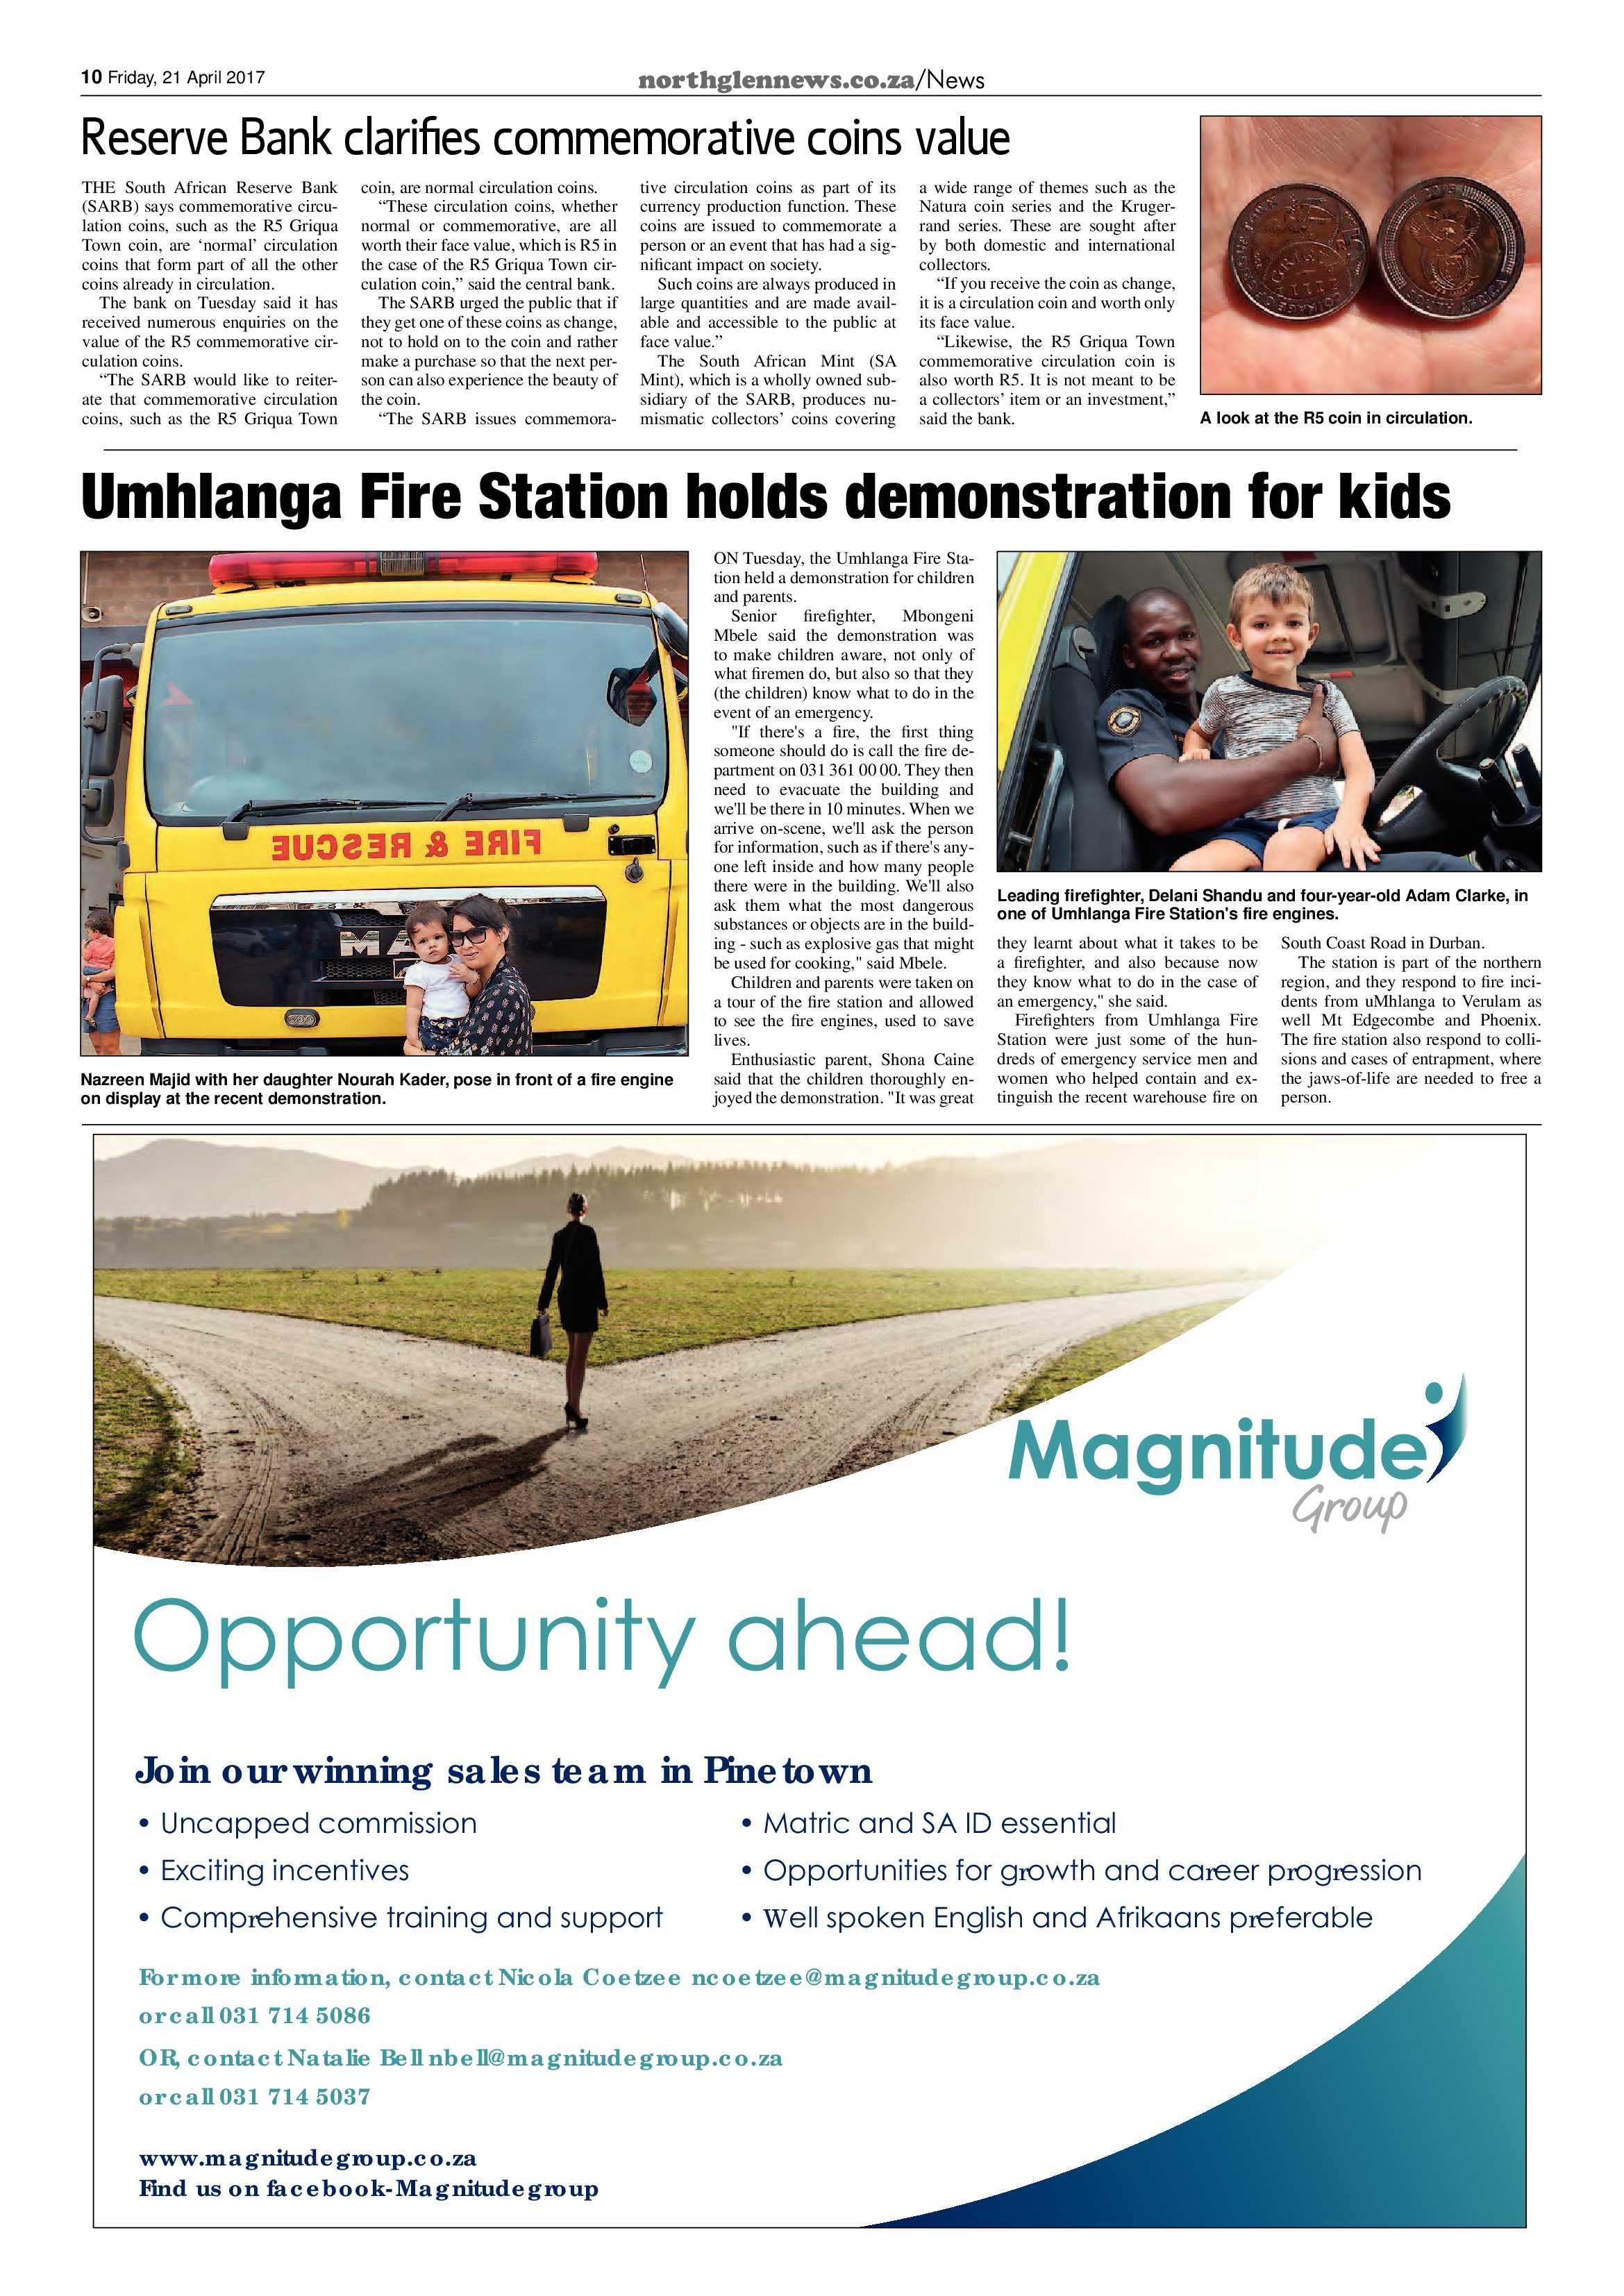 northglen-news-21-april-2017-epapers-page-10